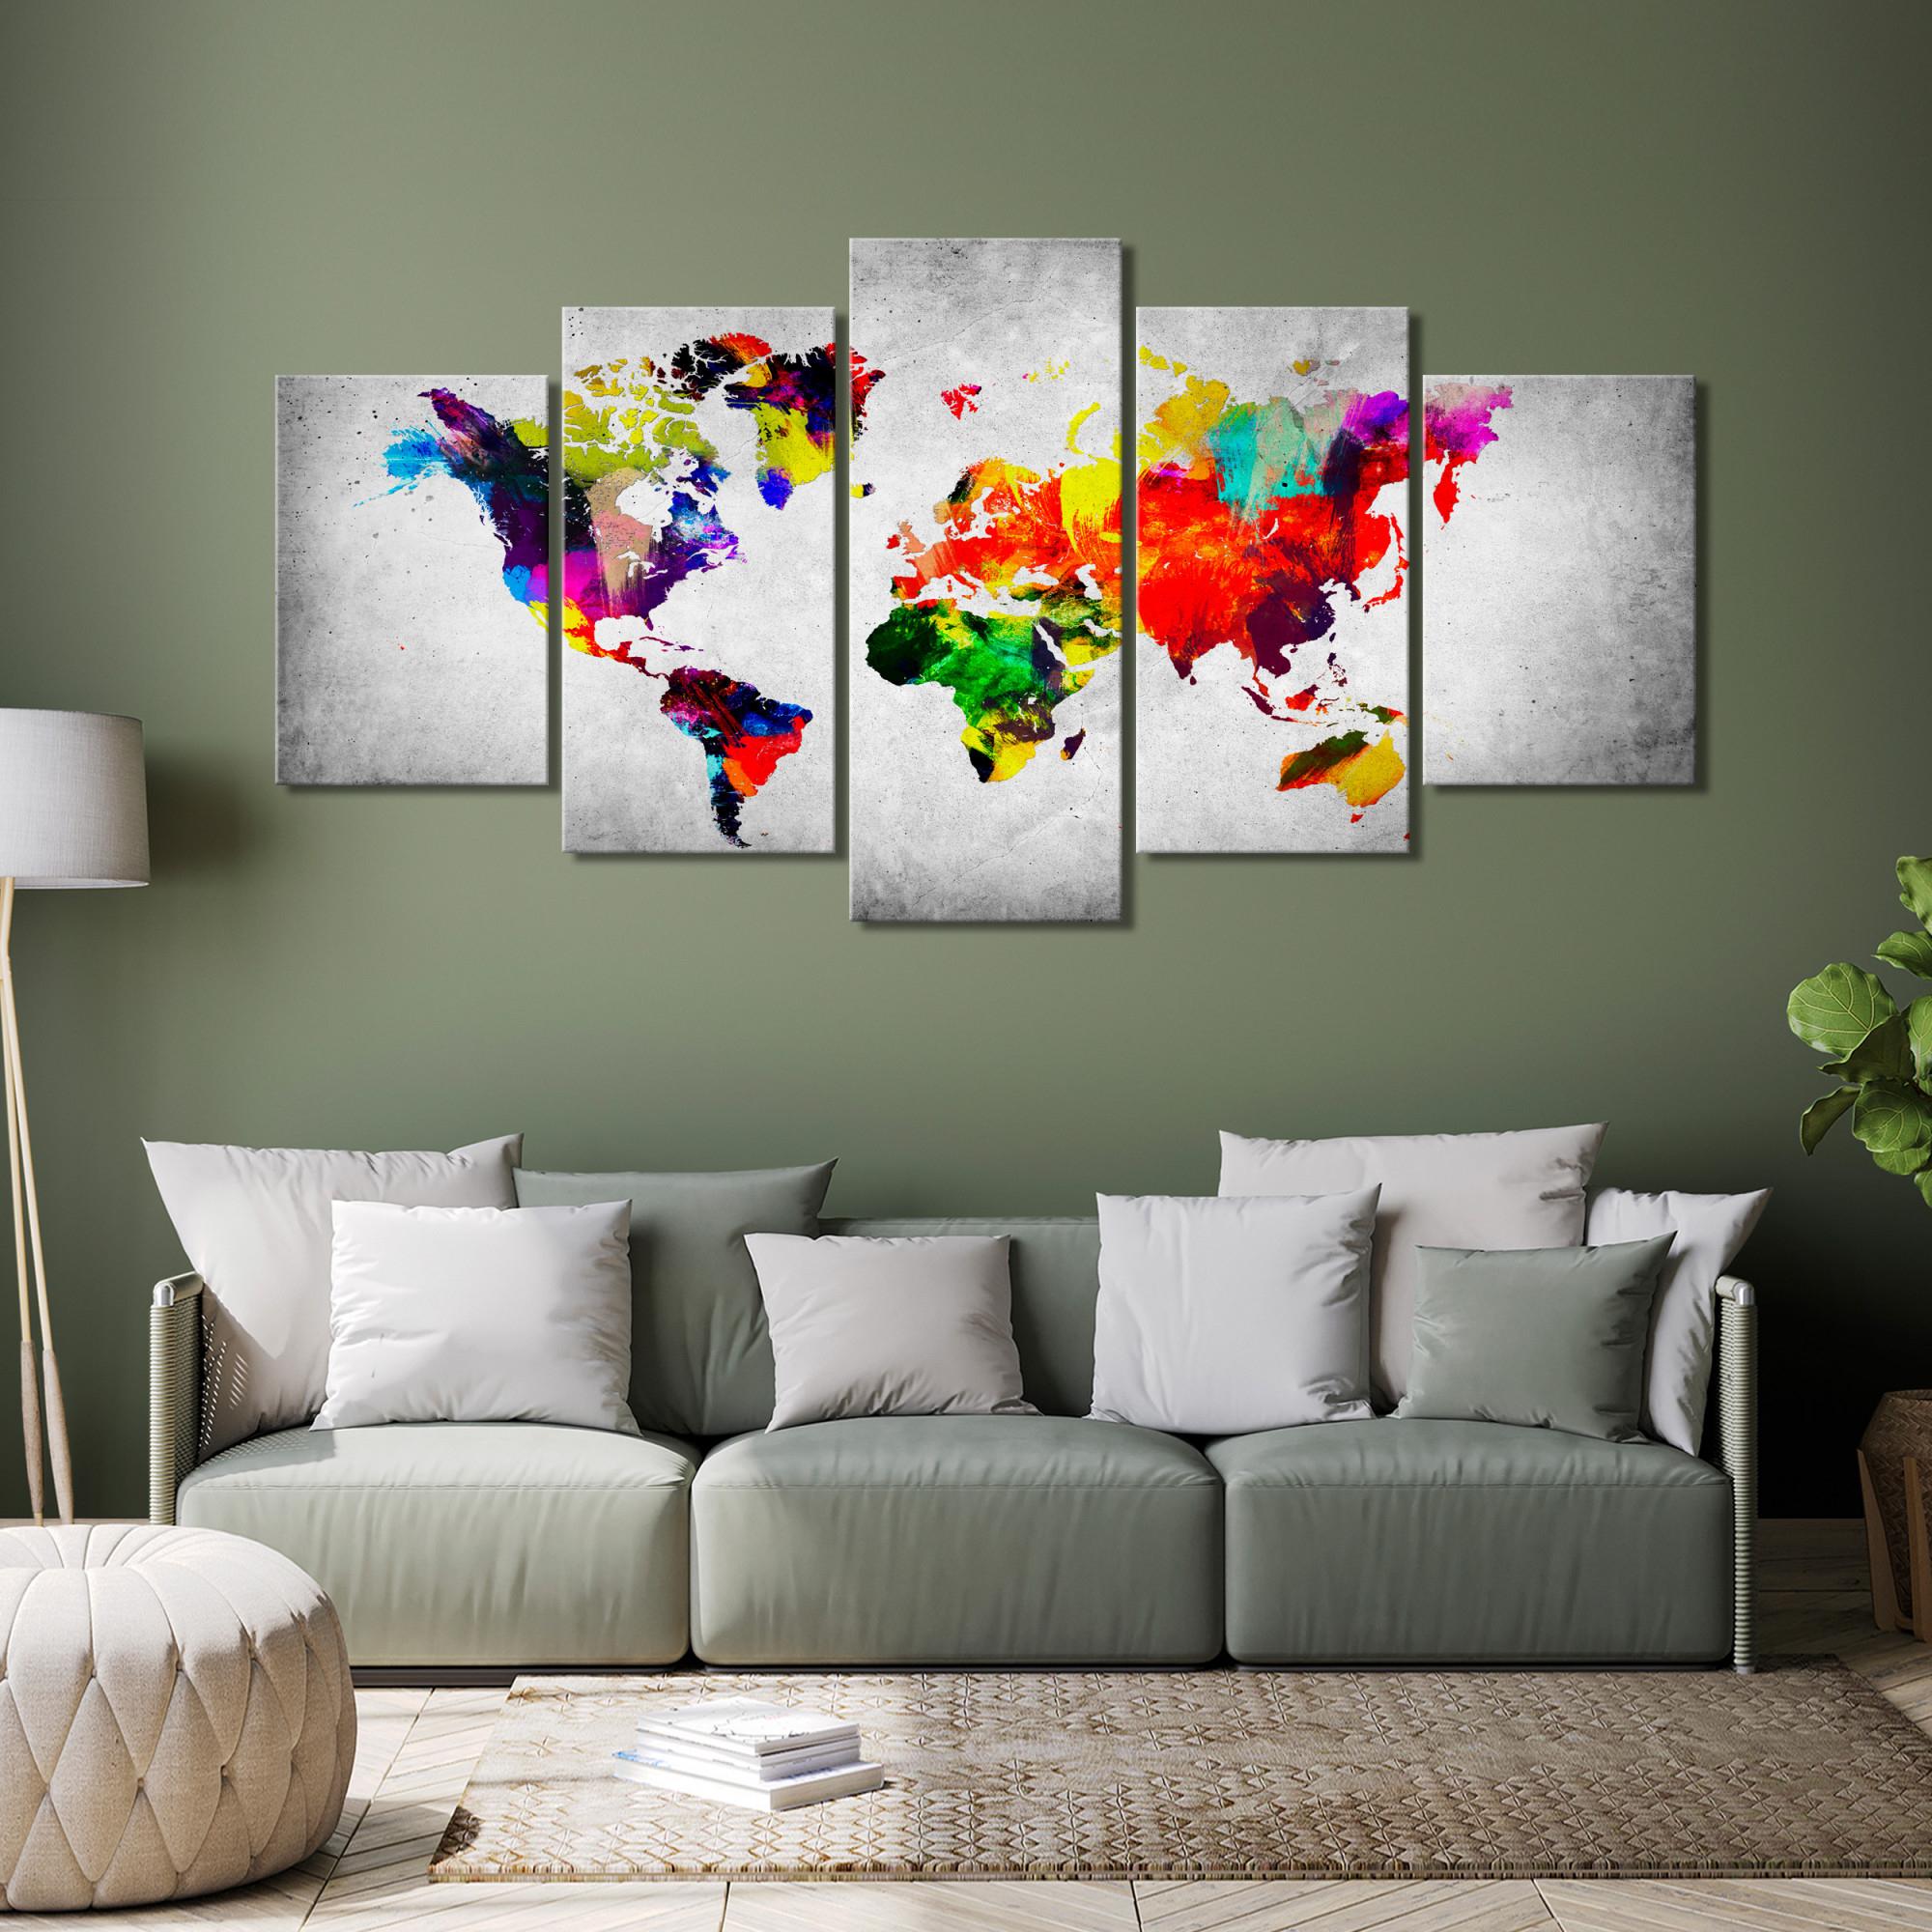 Details Zu Landkarte Leinwand Bilder Weltkarte Abstrakt Bunt Groß  Wandbilder Xxl Wohnzimmer von Wohnzimmer Bilder Xxl Bild